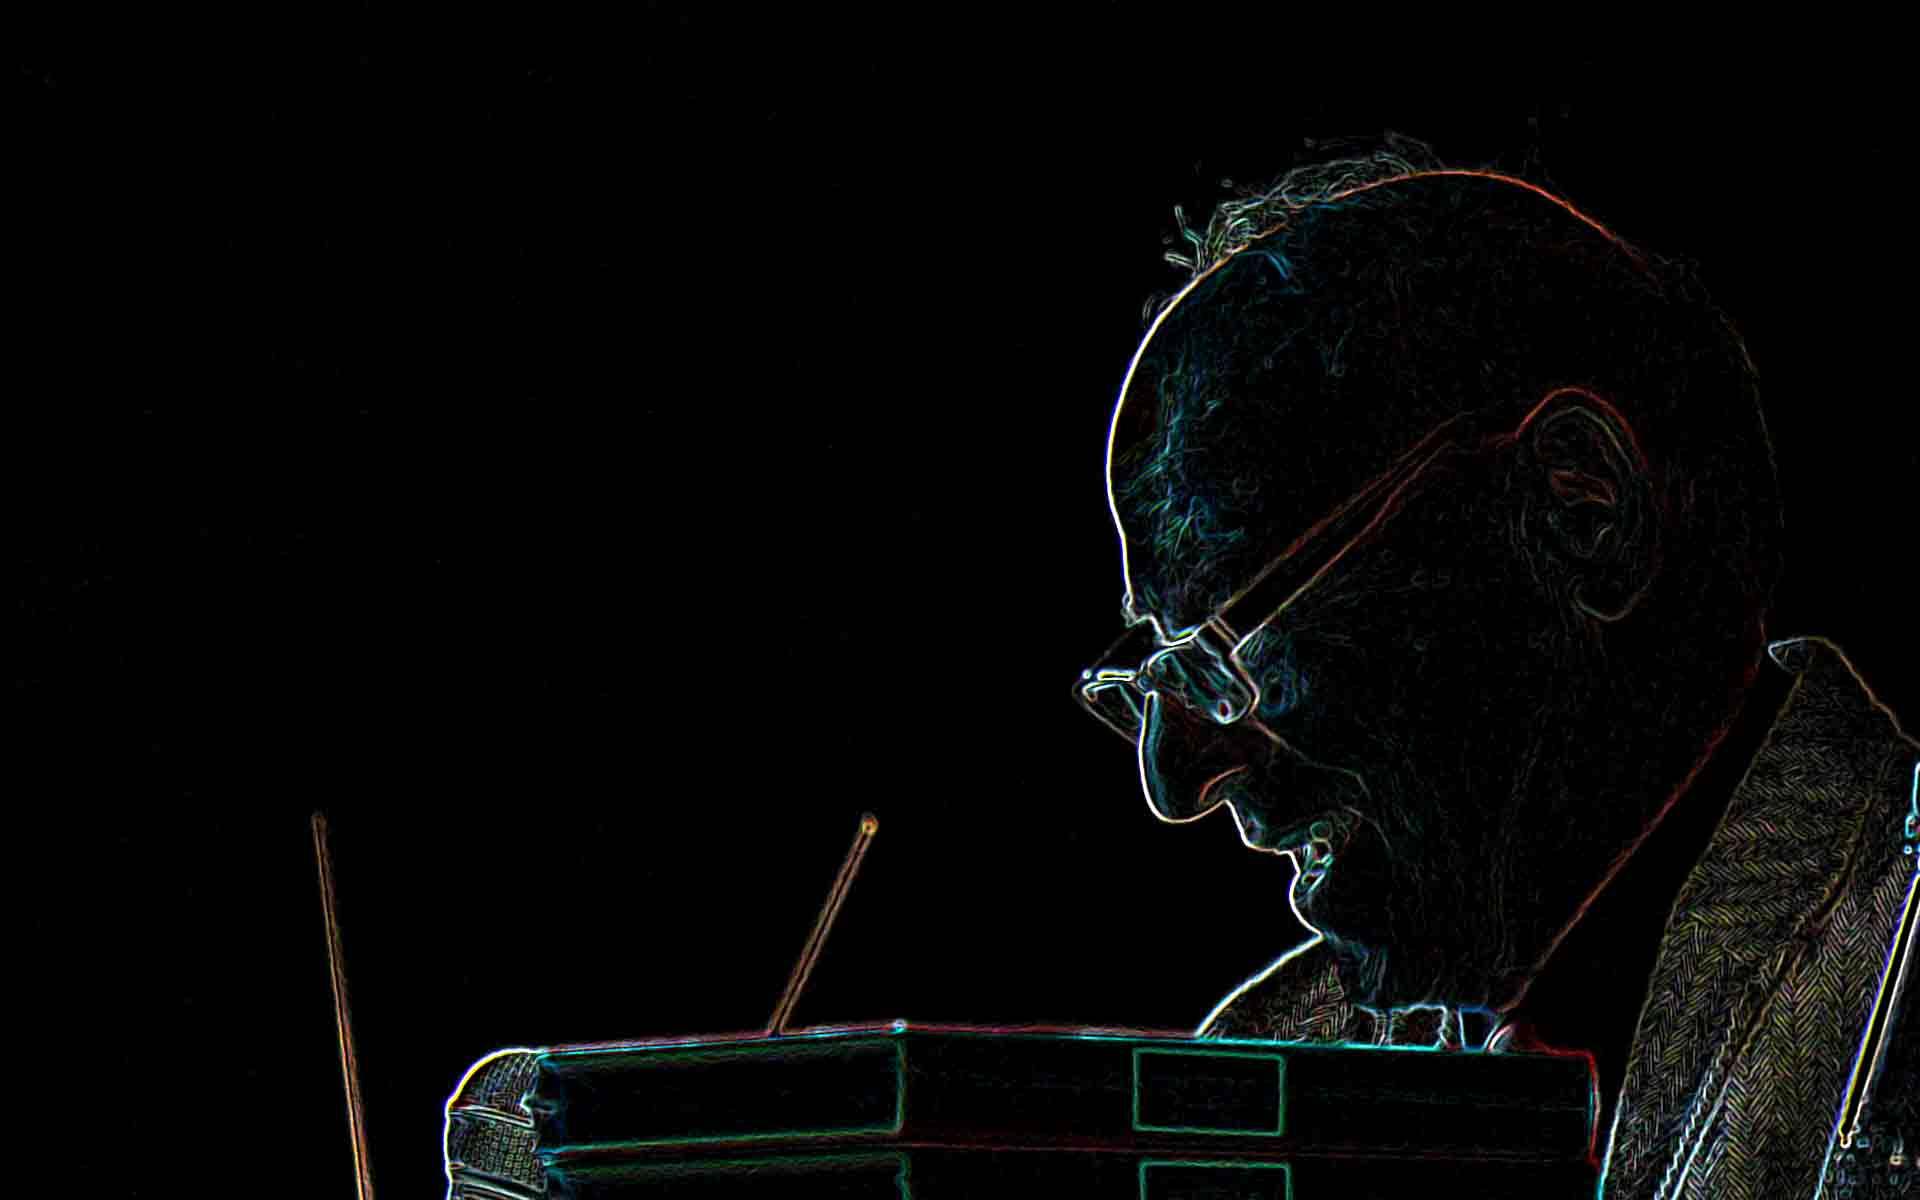 Foto: Ateliergespräch mit Olaf Leu amDonnerstag, 25. November 2010 im Atelier von Wolfgang Beinert in Berlin.